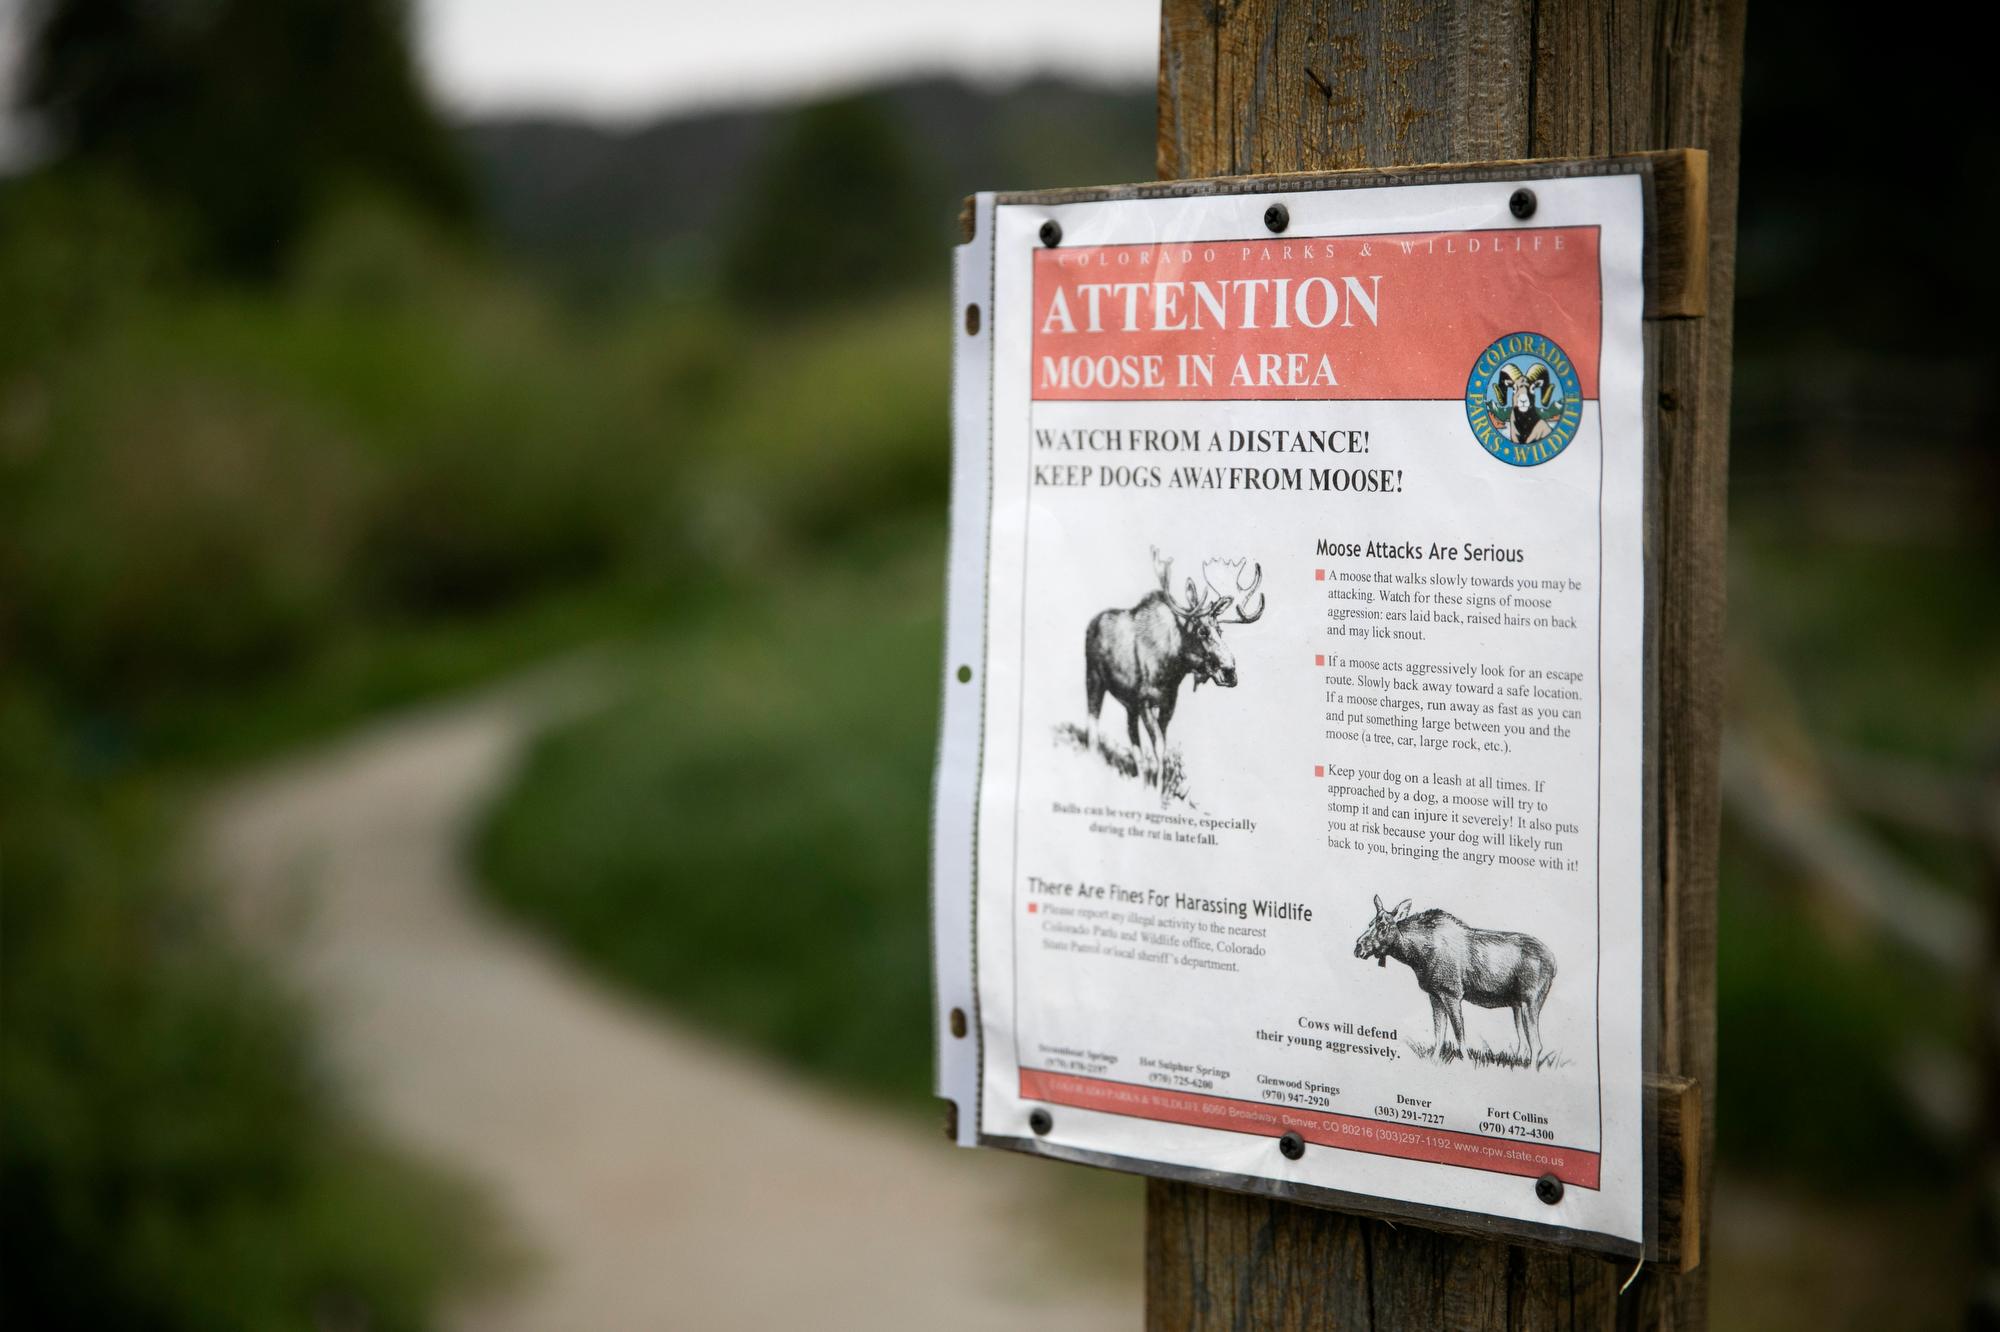 Wildlife Sign Nederalnd